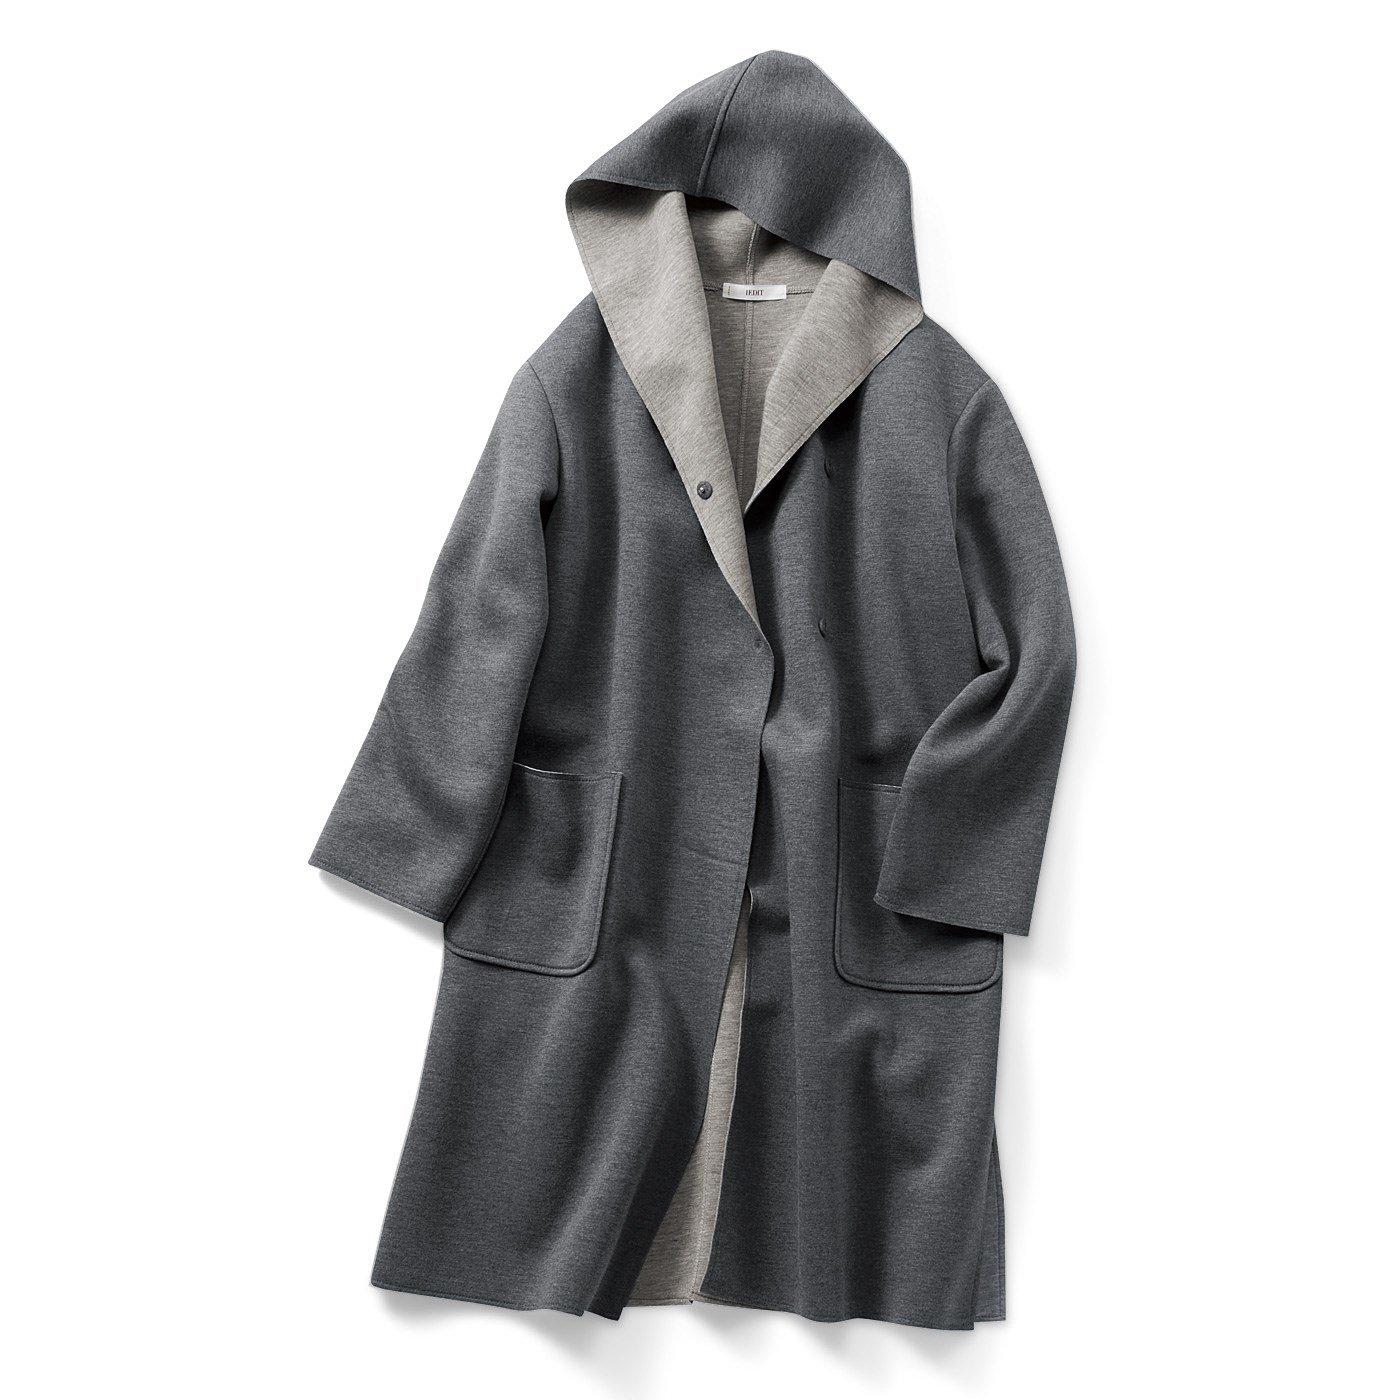 【3~10日でお届け】IEDIT[イディット] ほどよい厚みで大活躍 ボンディング素材のフーデッドコート〈グレー〉